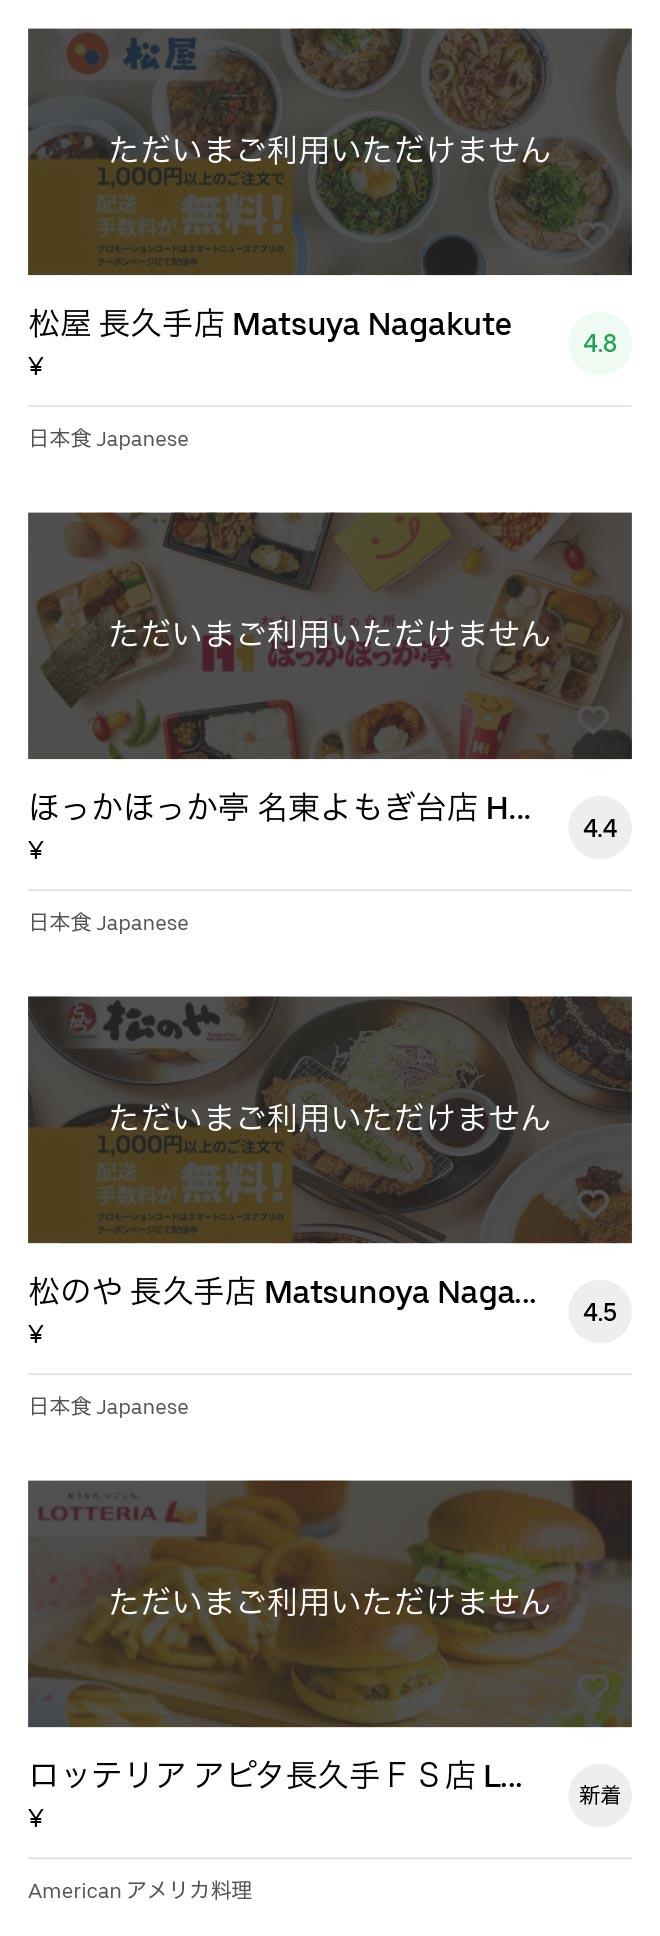 Nagoya fujigaoka menu 2005 07